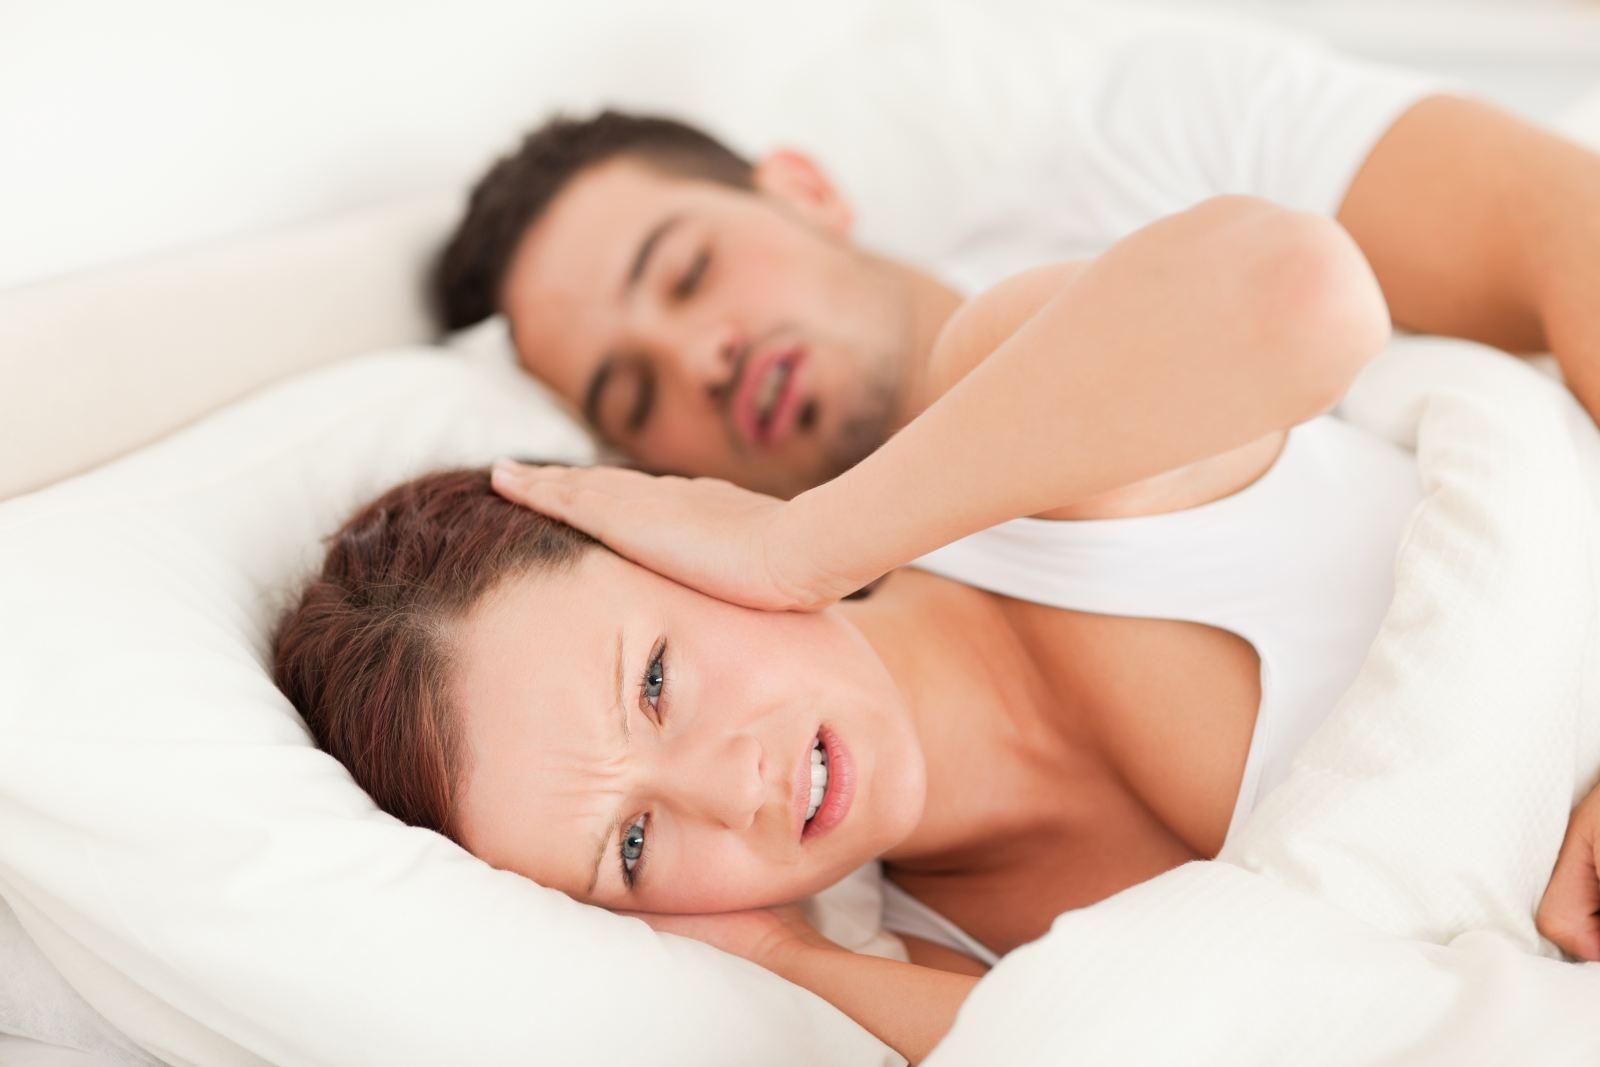 Исследование: Храп— основная причина раздельного сна между супругами